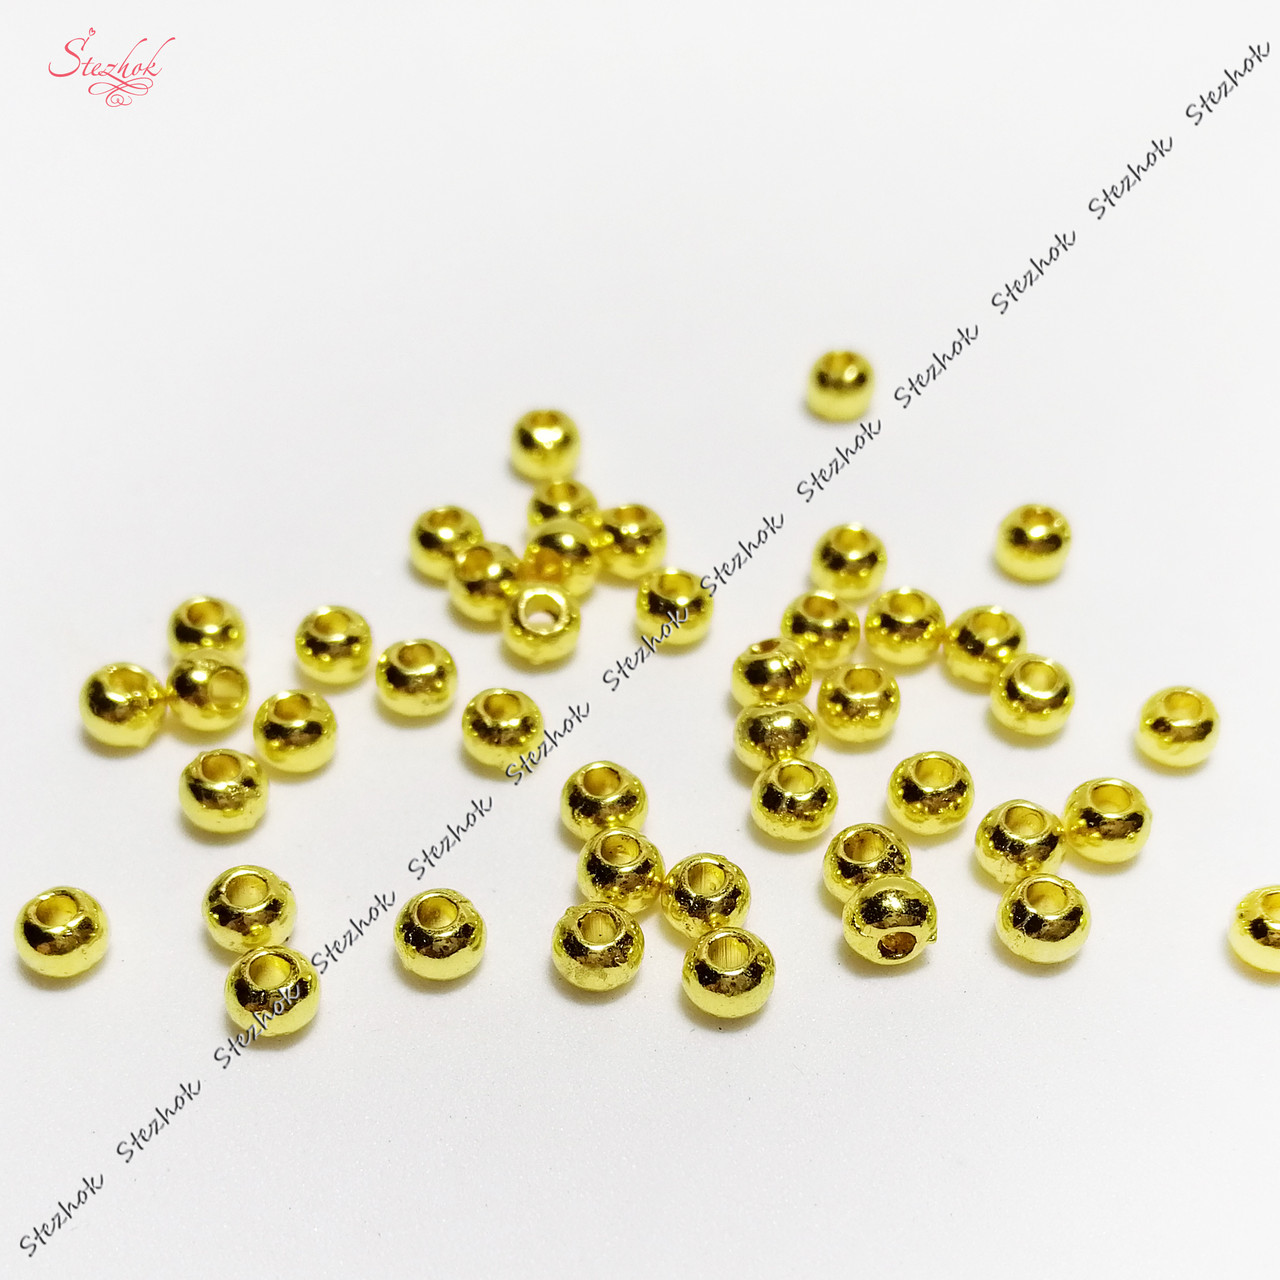 Металлическая бусина 3 мм разделитель золото для рукоделия